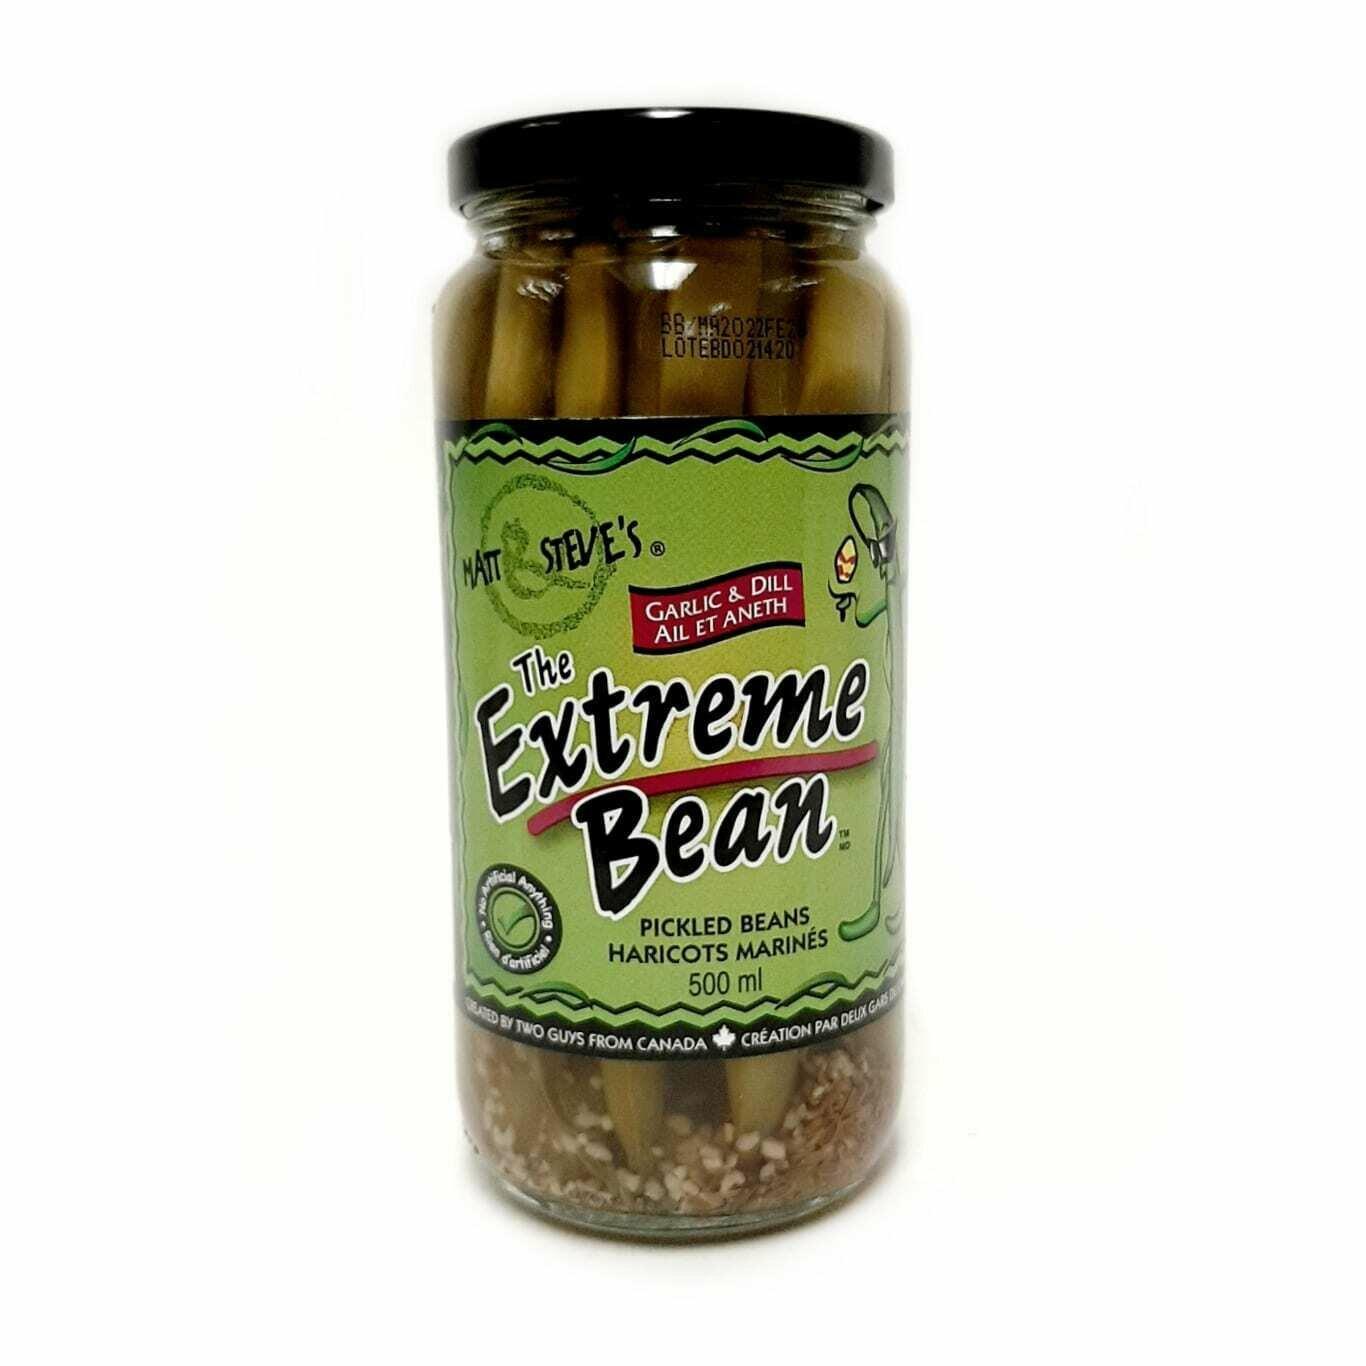 Extreme Bean - Garlic & Dill Beans 500ml